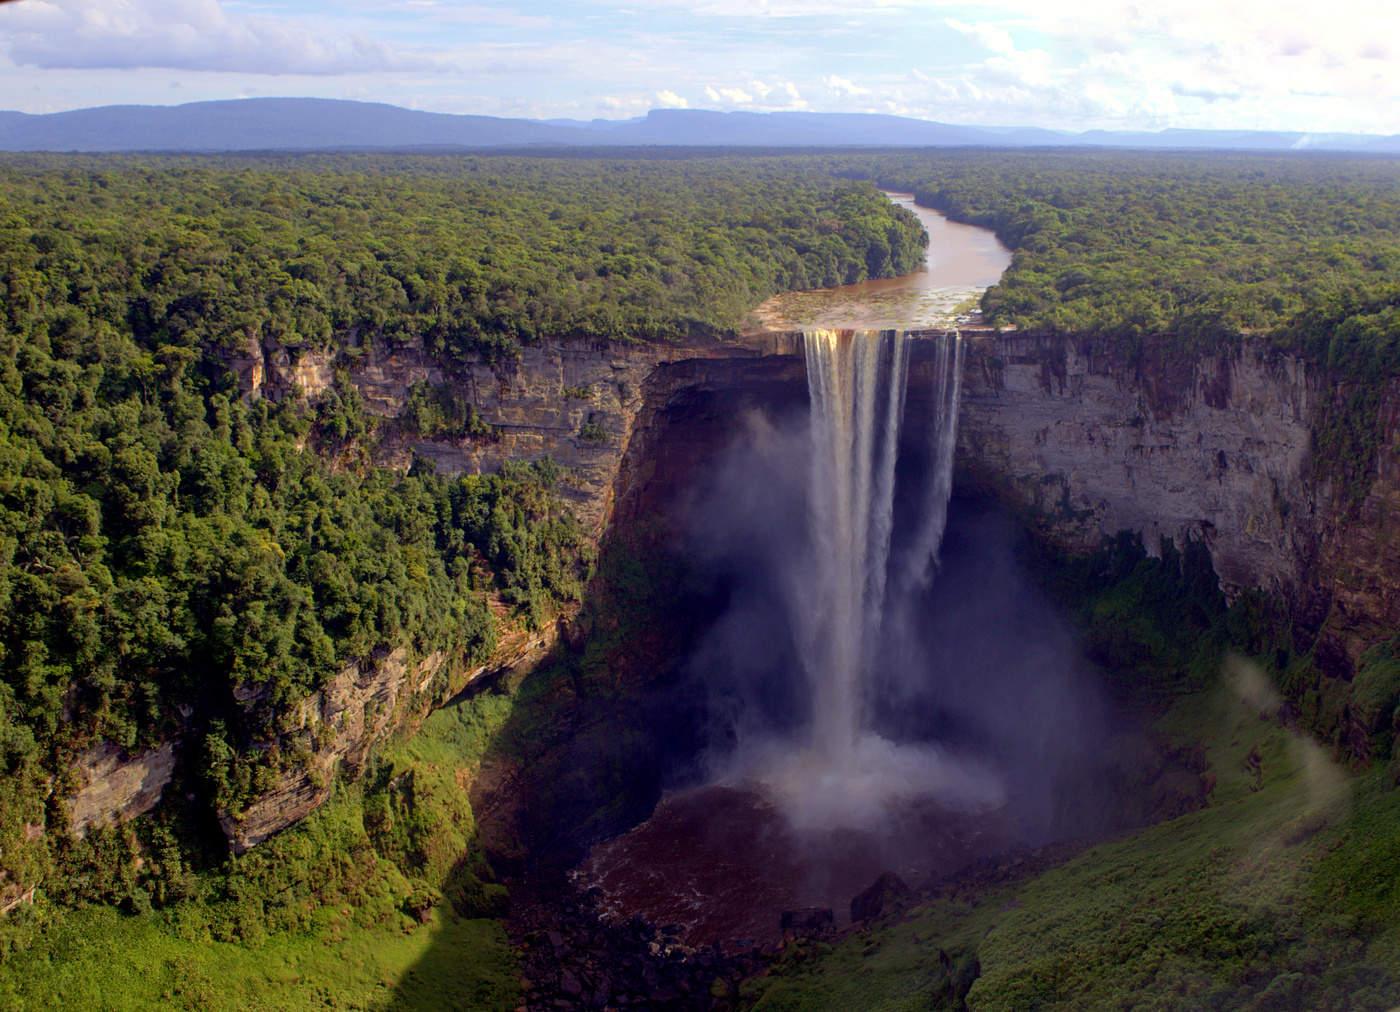 глаз бесценный водопад кайетур фото для смартфона находится берегу моря